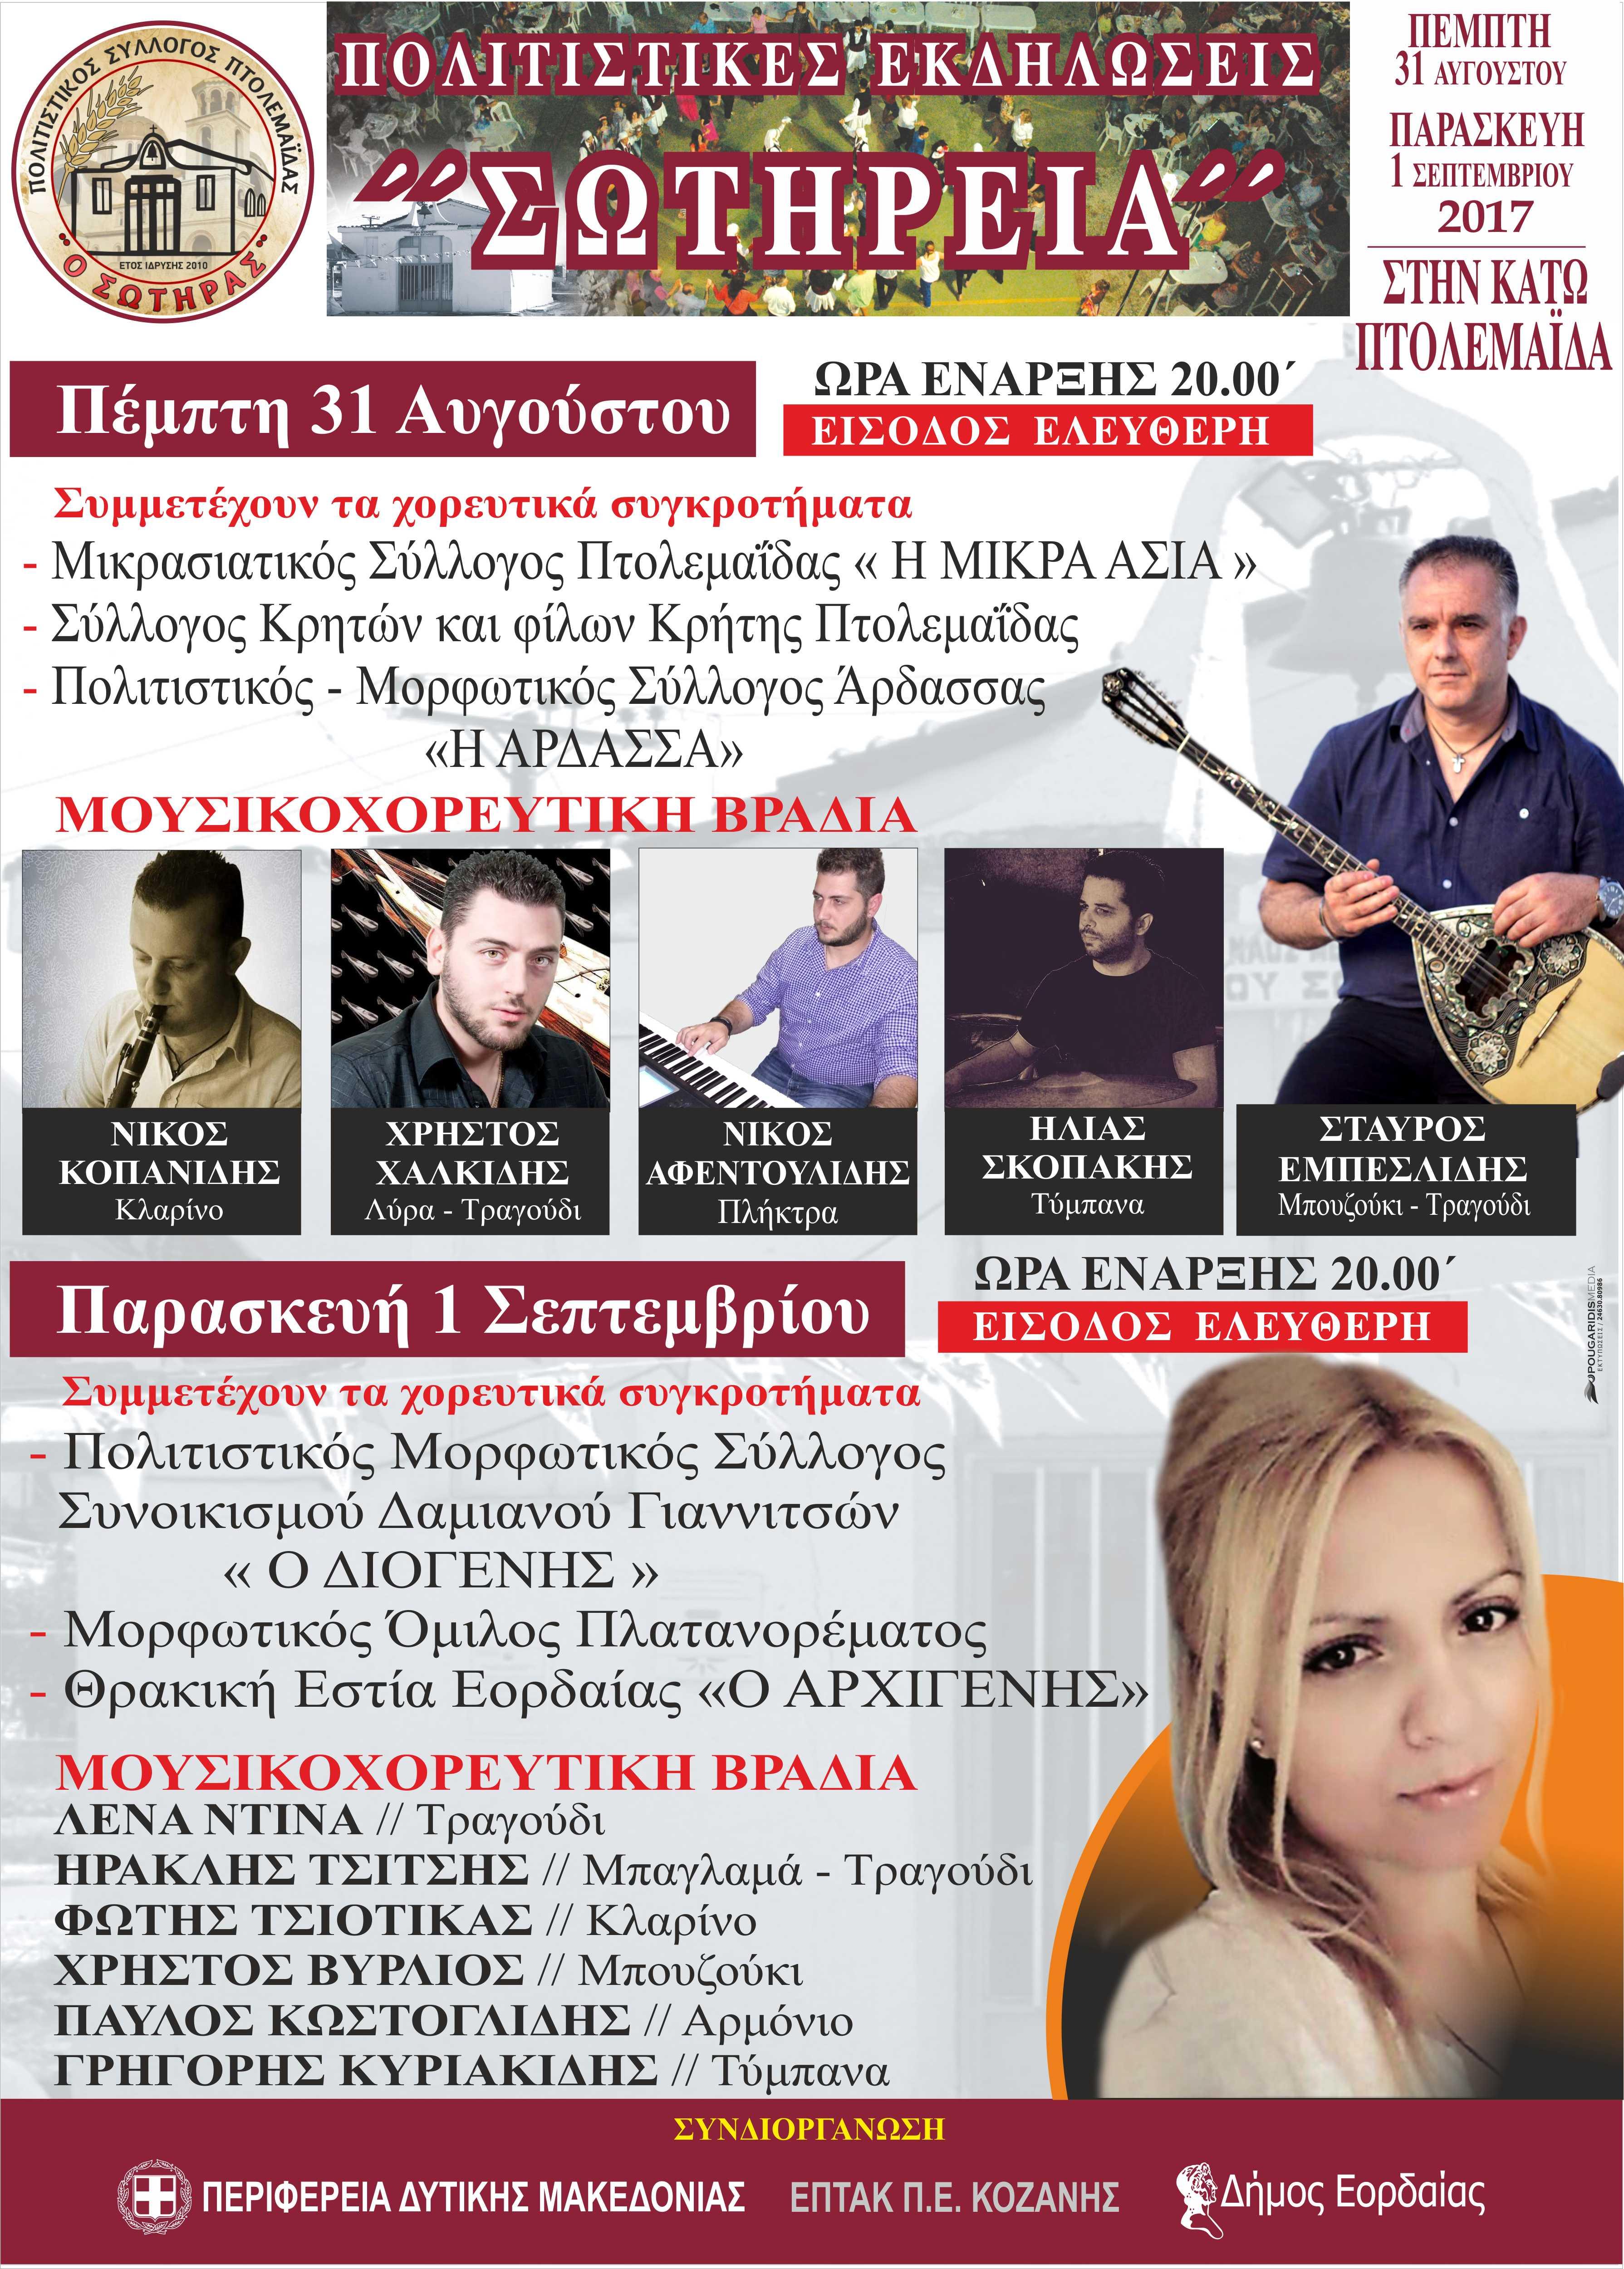 sothreia2017